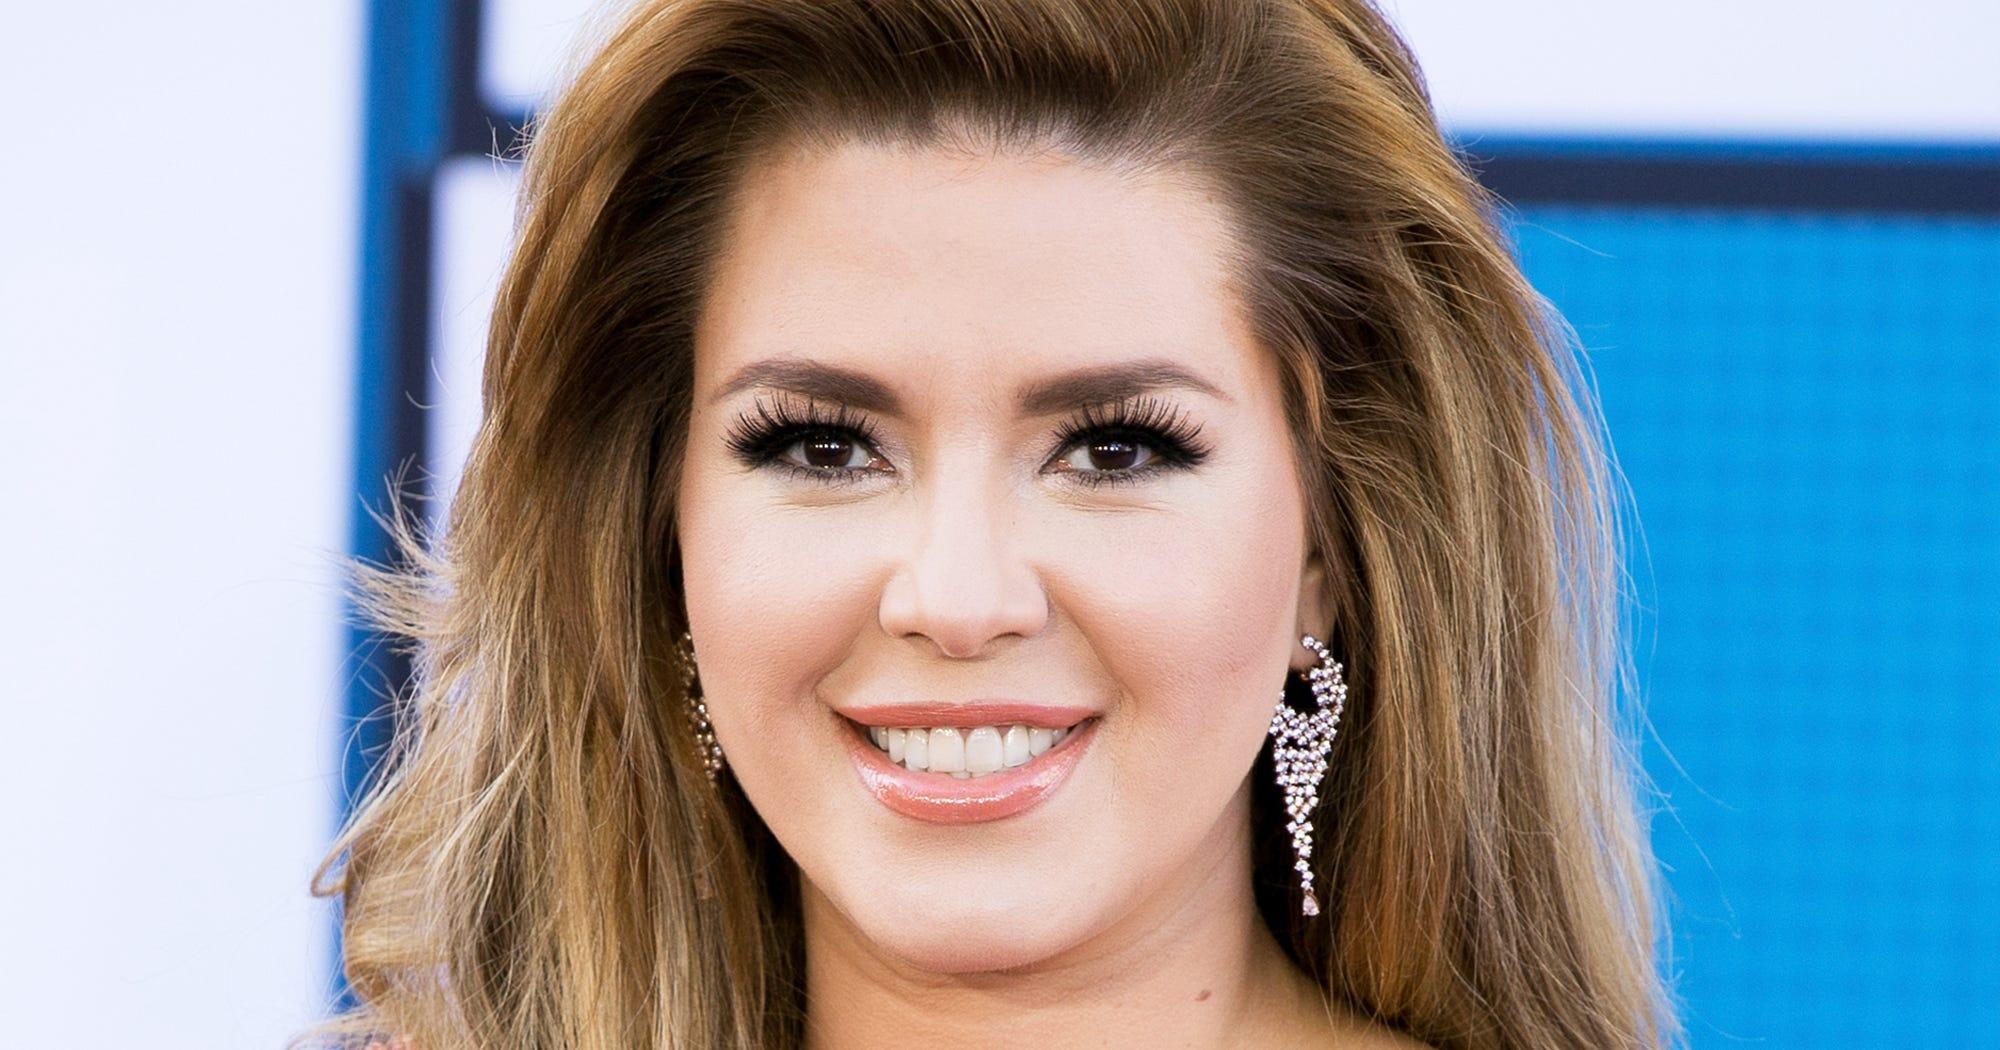 Alicia Machado, the Miss Universe contestant who Trump